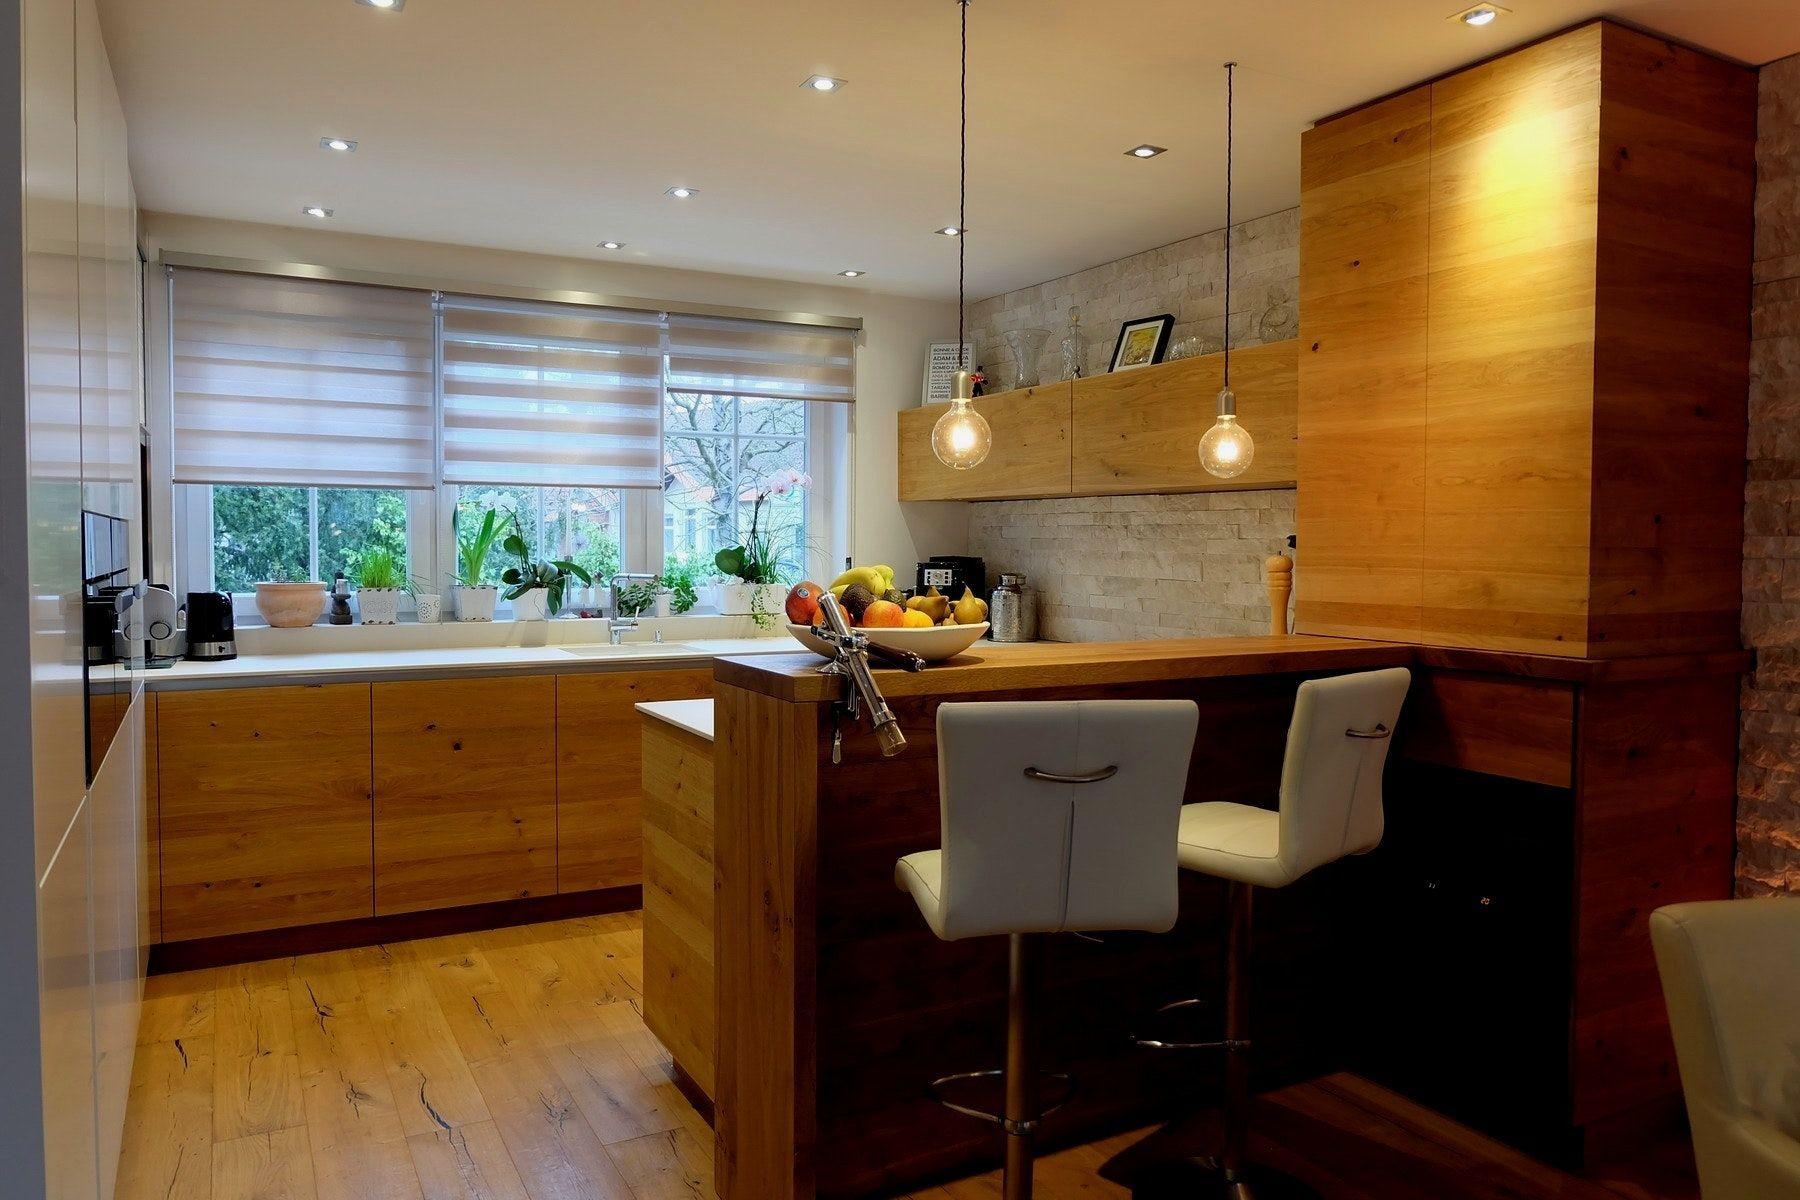 25 Deko Ideen Küche Modern Decoration In 2018 Pinterest Decor